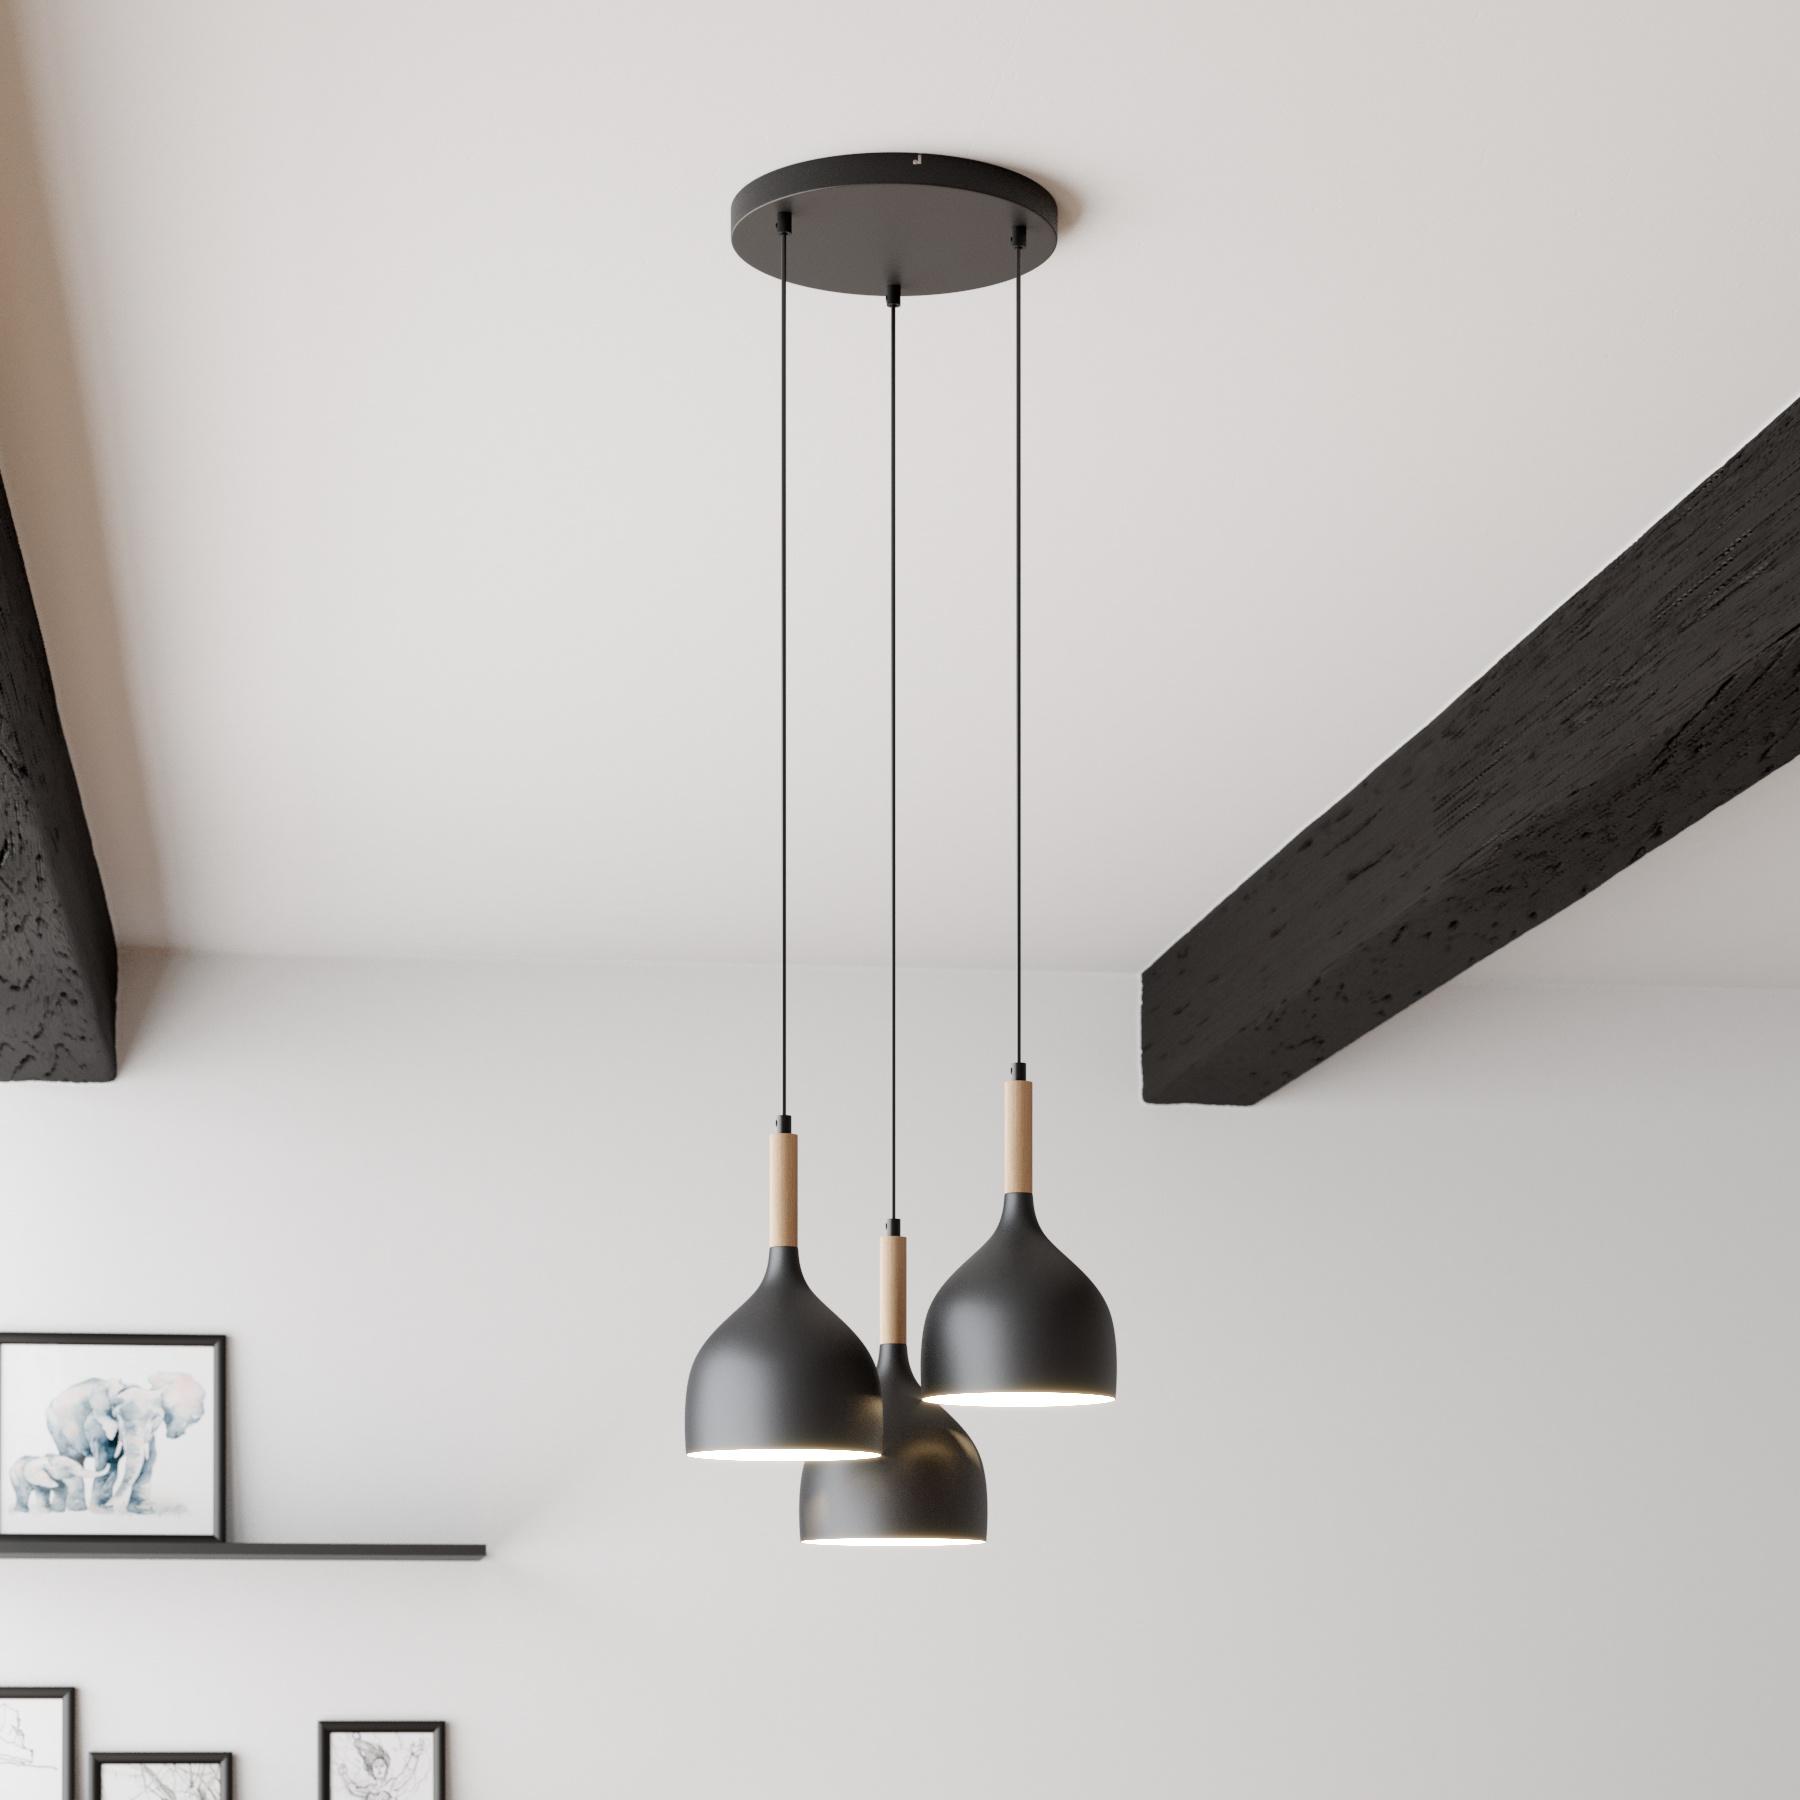 Hanglamp Noak 3-lamps rond zwart/hout natuur